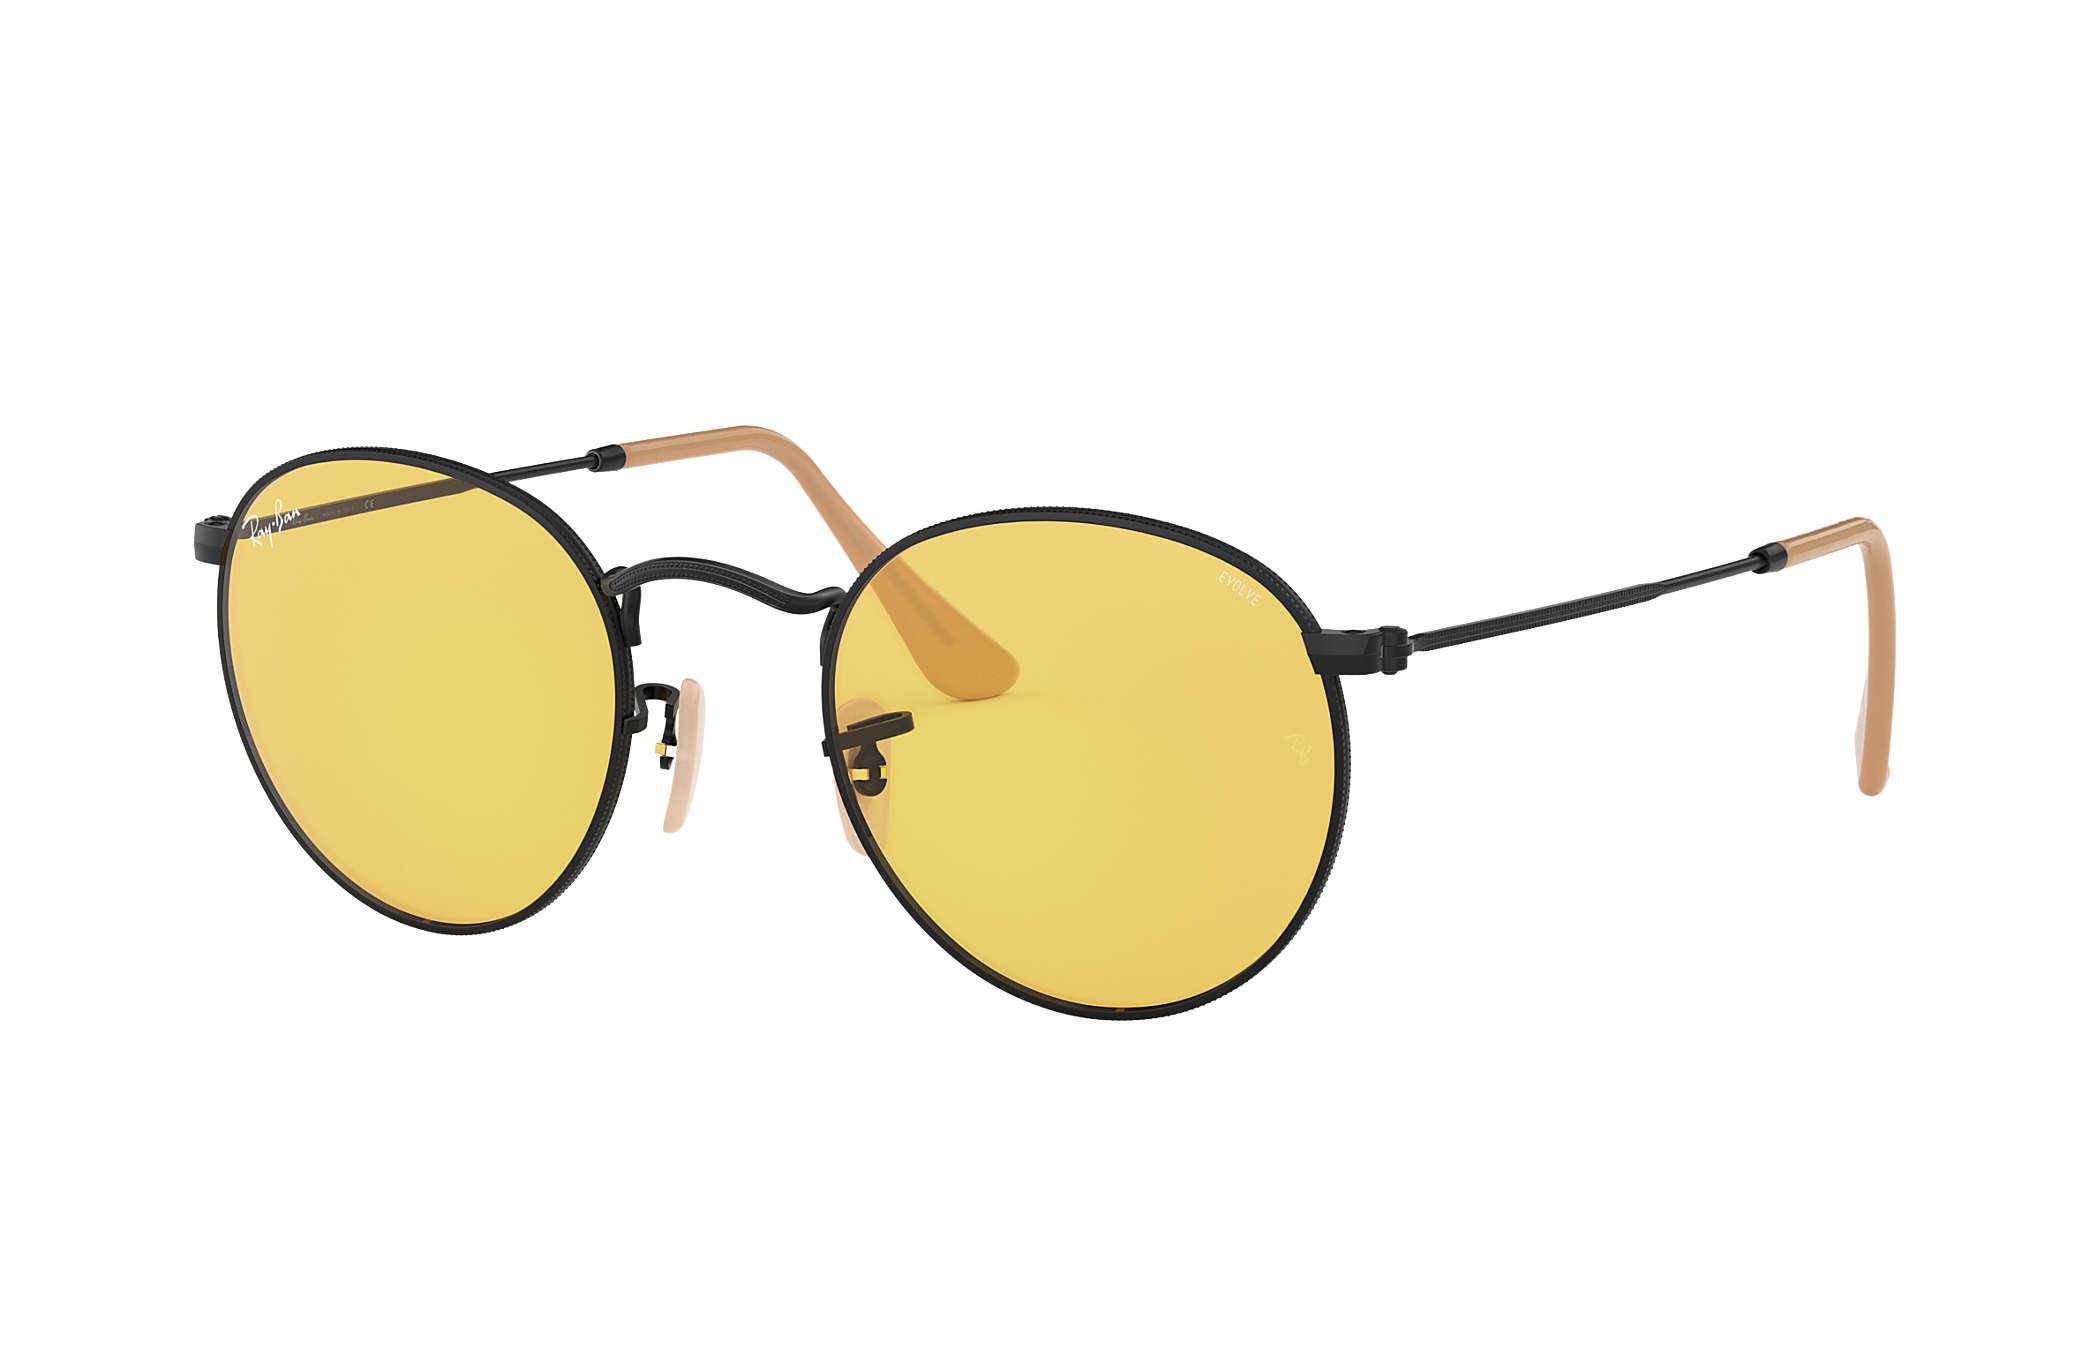 034447e697 ... White Gold  750 linda-farrow-646-c7-oval-optical-frame (via.  got7scloset) 180102 cr. sodajaja ray-ban ROUND EVOLVE LENSES Yellow  Photocromic  183